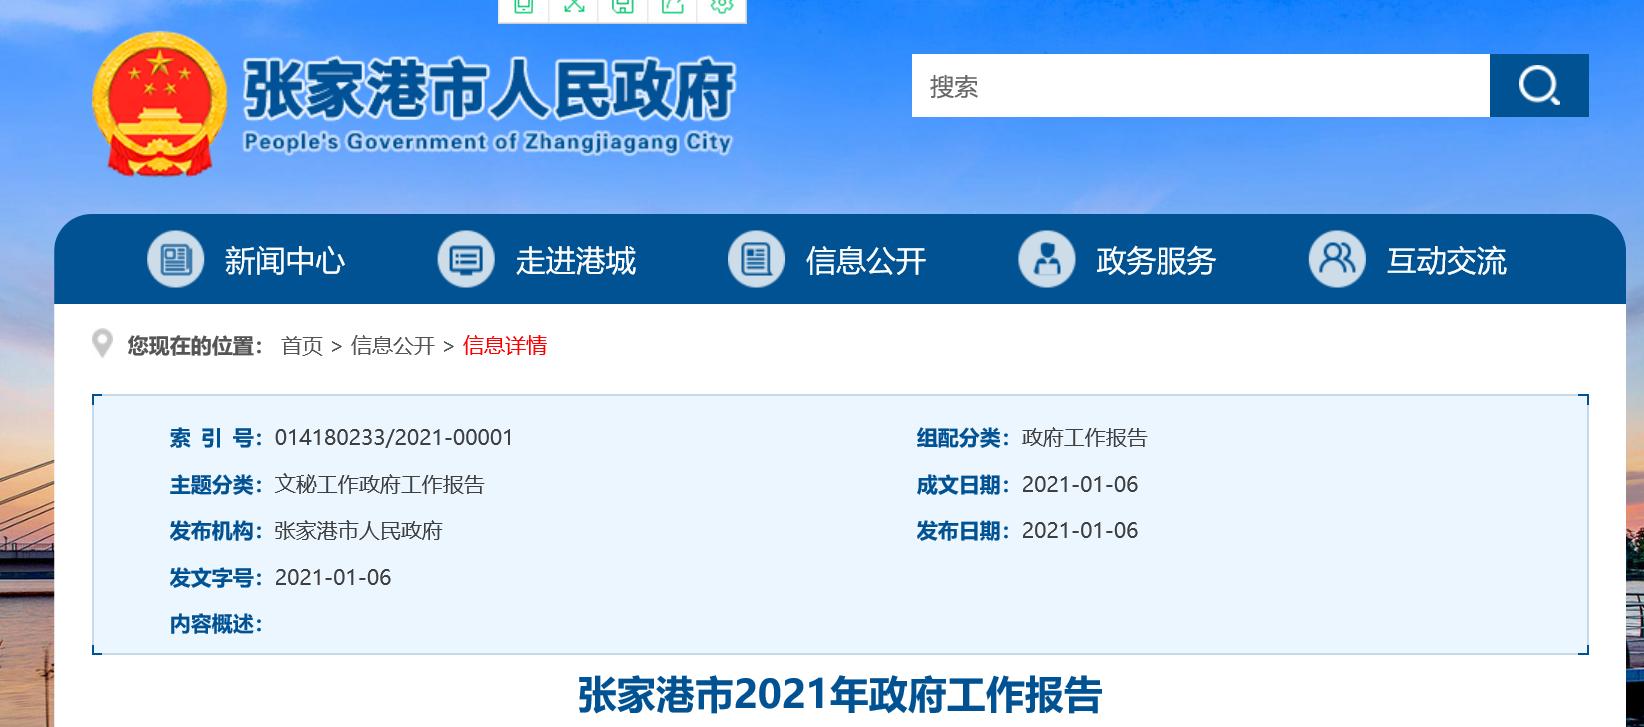 苏州张家港市2021年政府工作报告发布